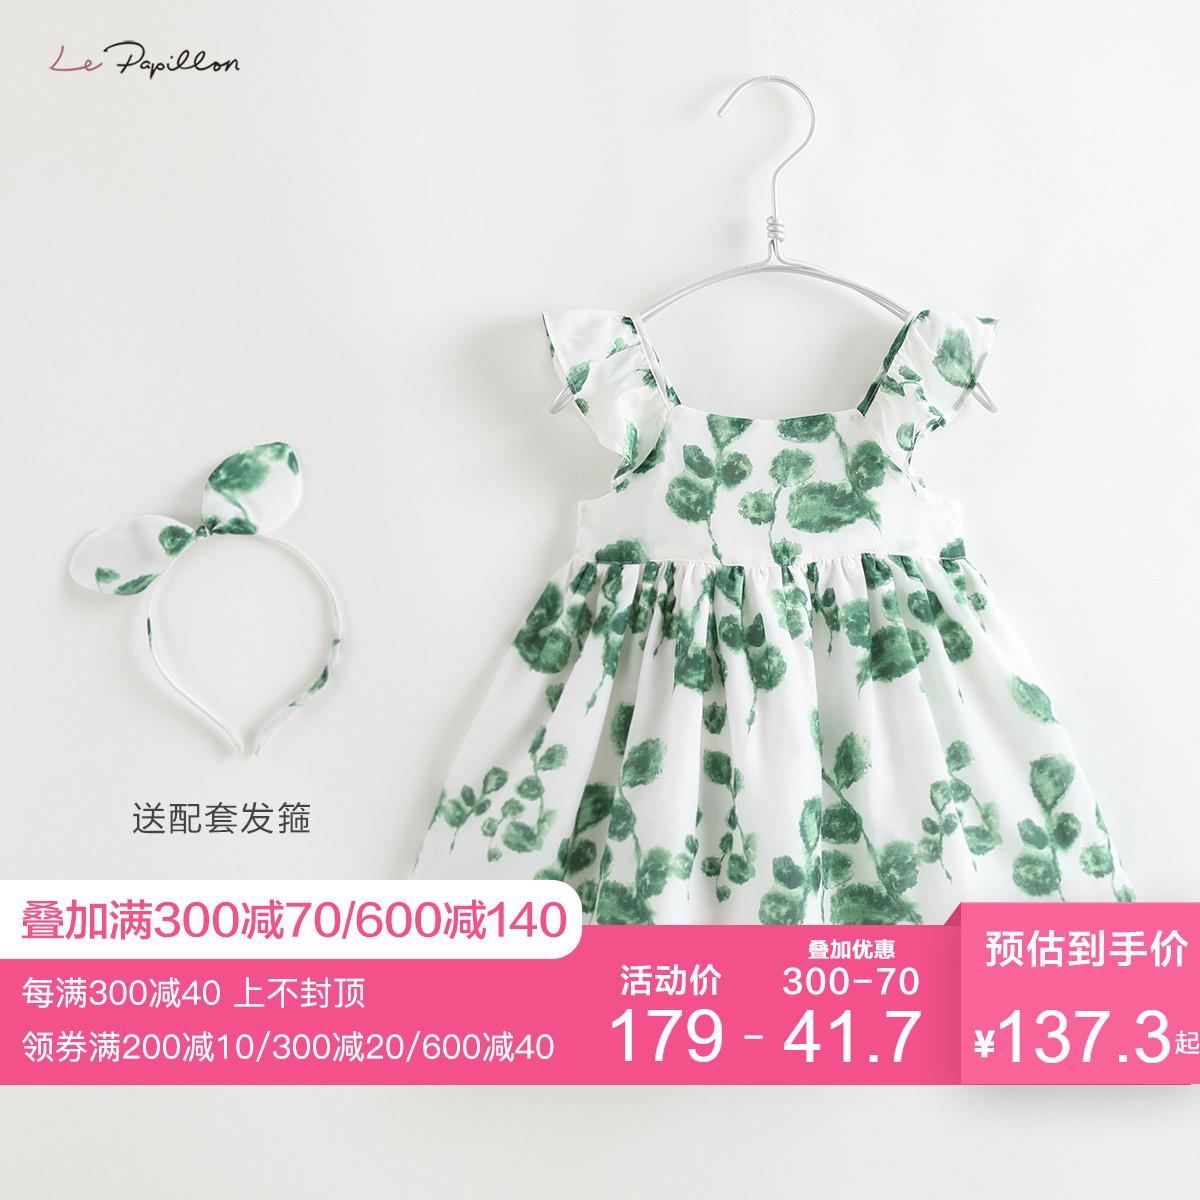 【马克珍妮 法式系列】女童夏装棉真丝连衣裙 宝宝裙子夏季18635